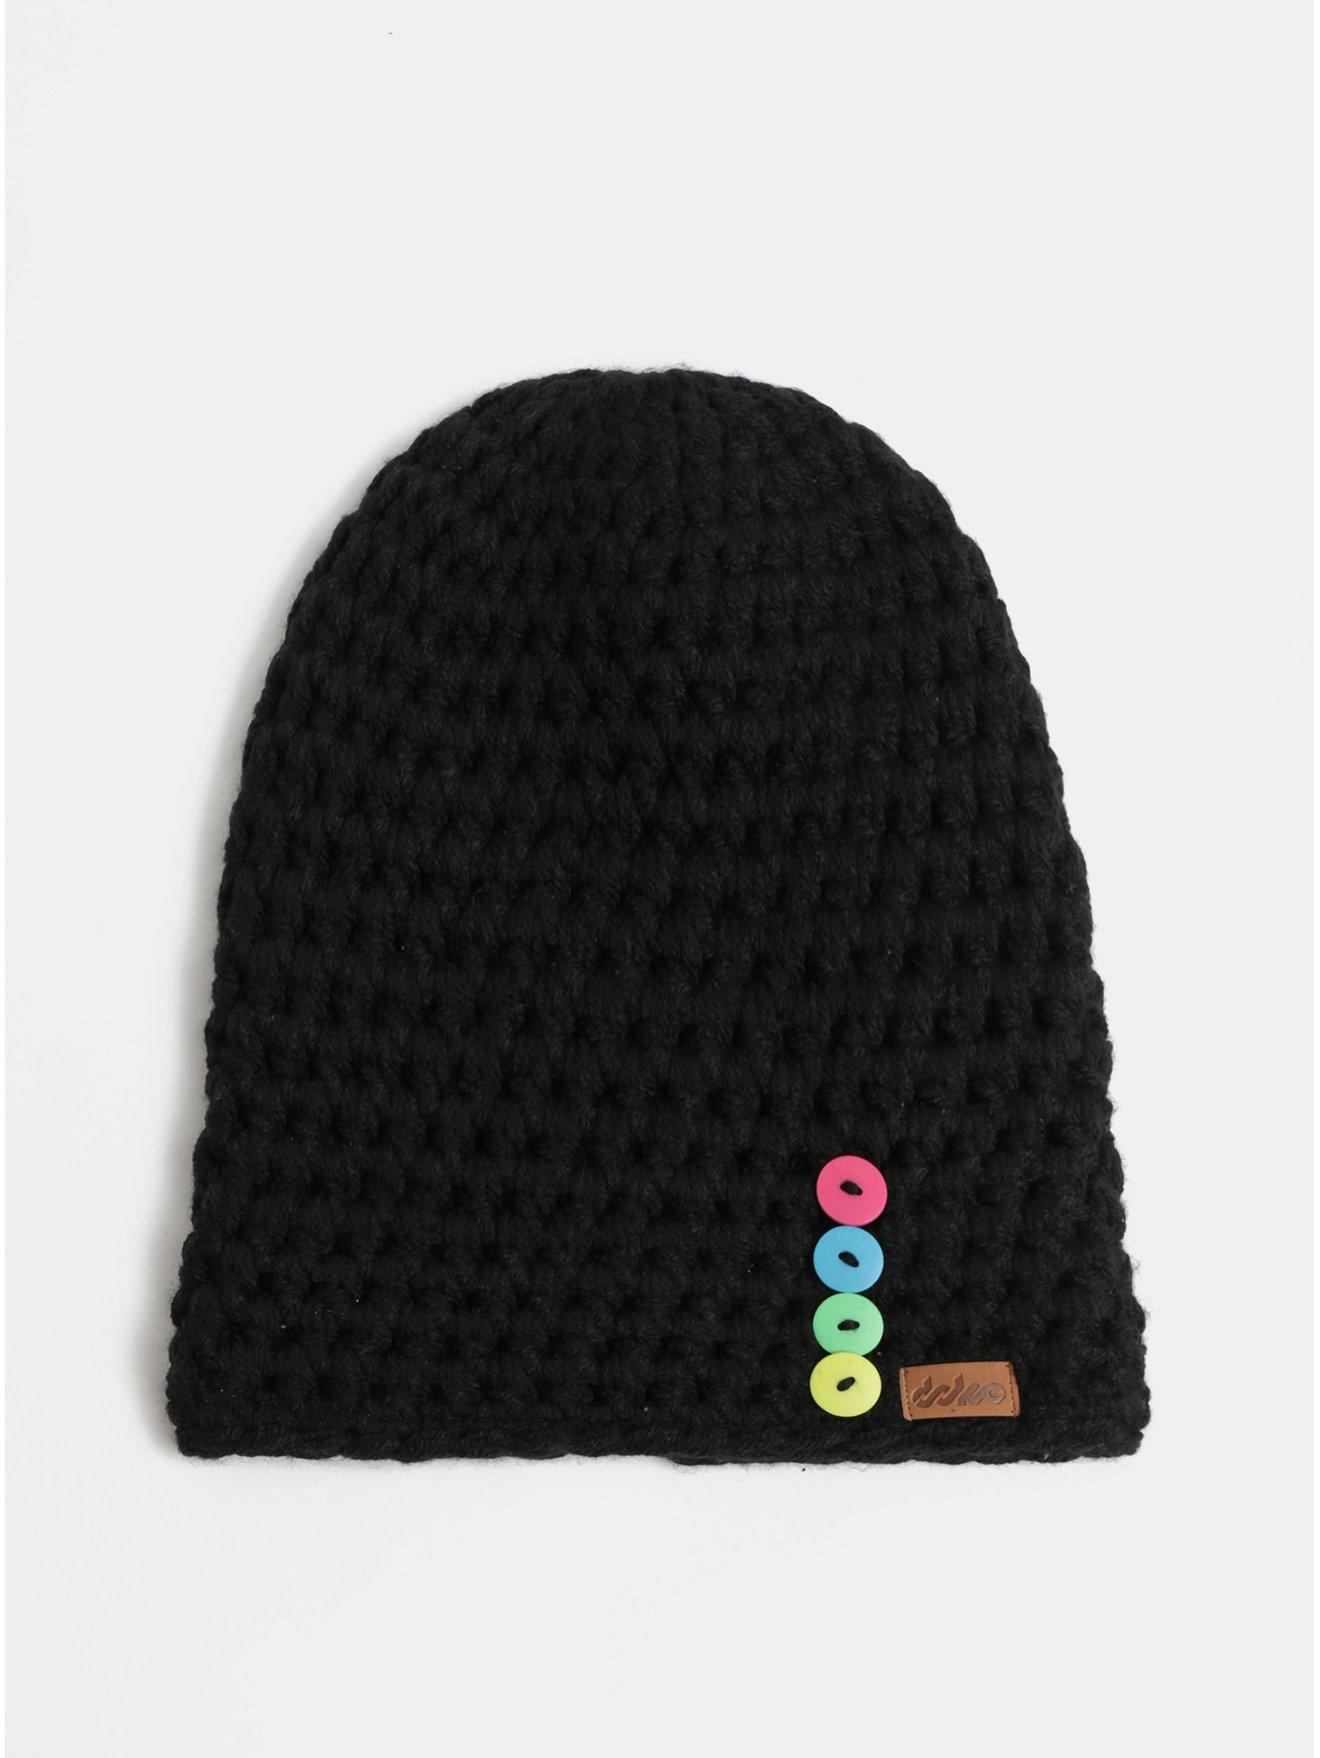 41018ab46 Cierna pletena zimna ciapky | Stojizato.sme.sk